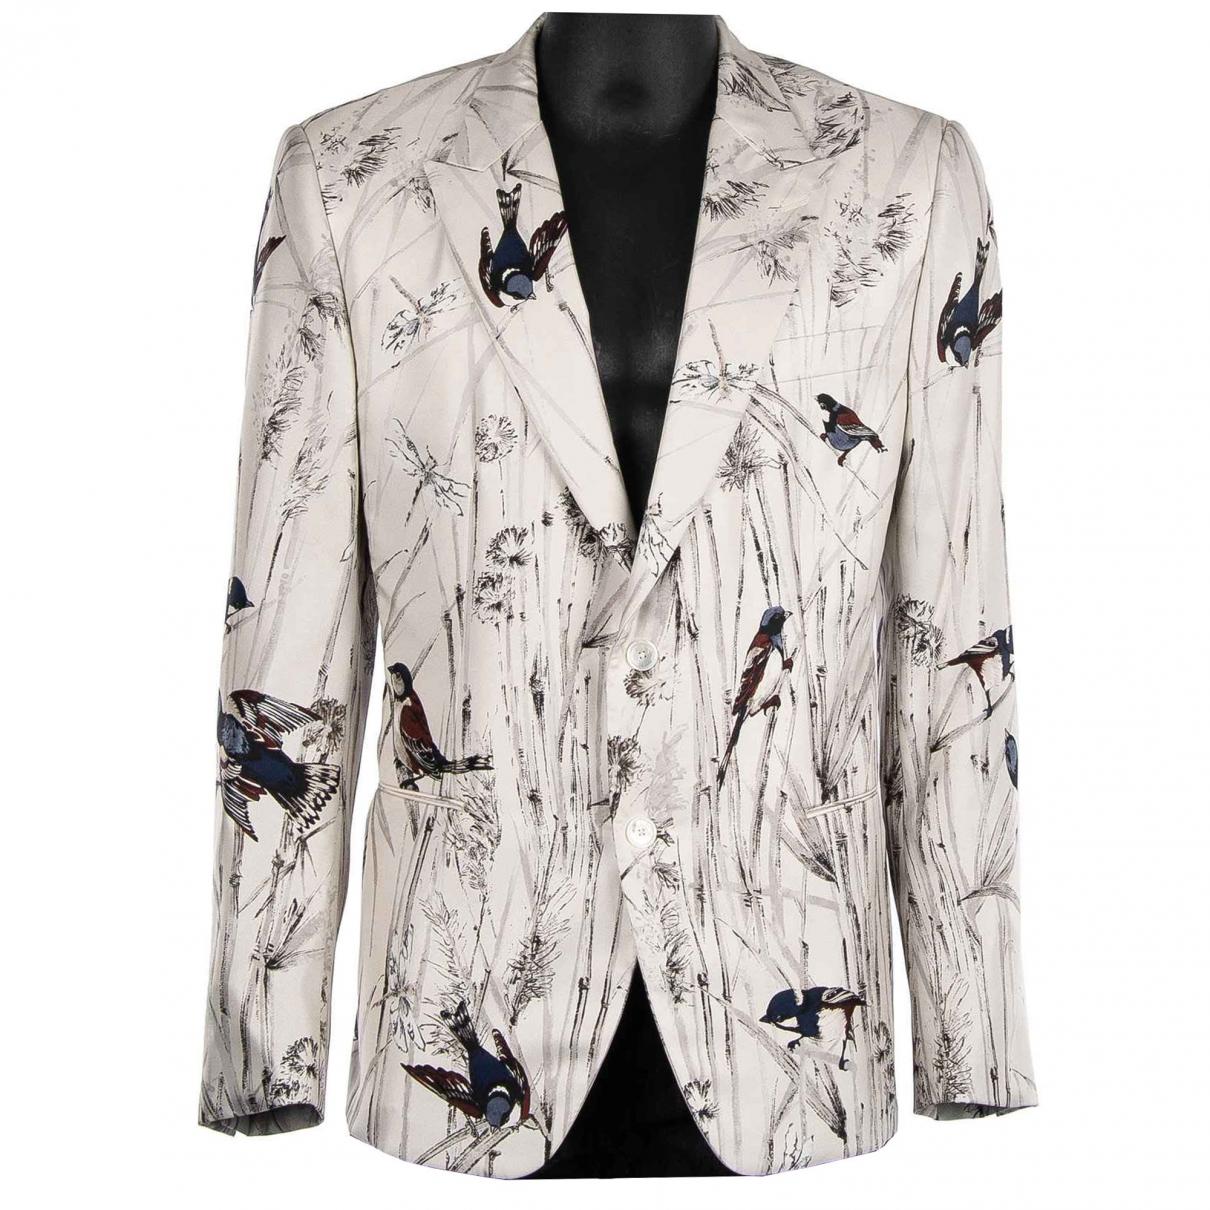 Dolce & Gabbana \N Jacke in  Weiss Seide